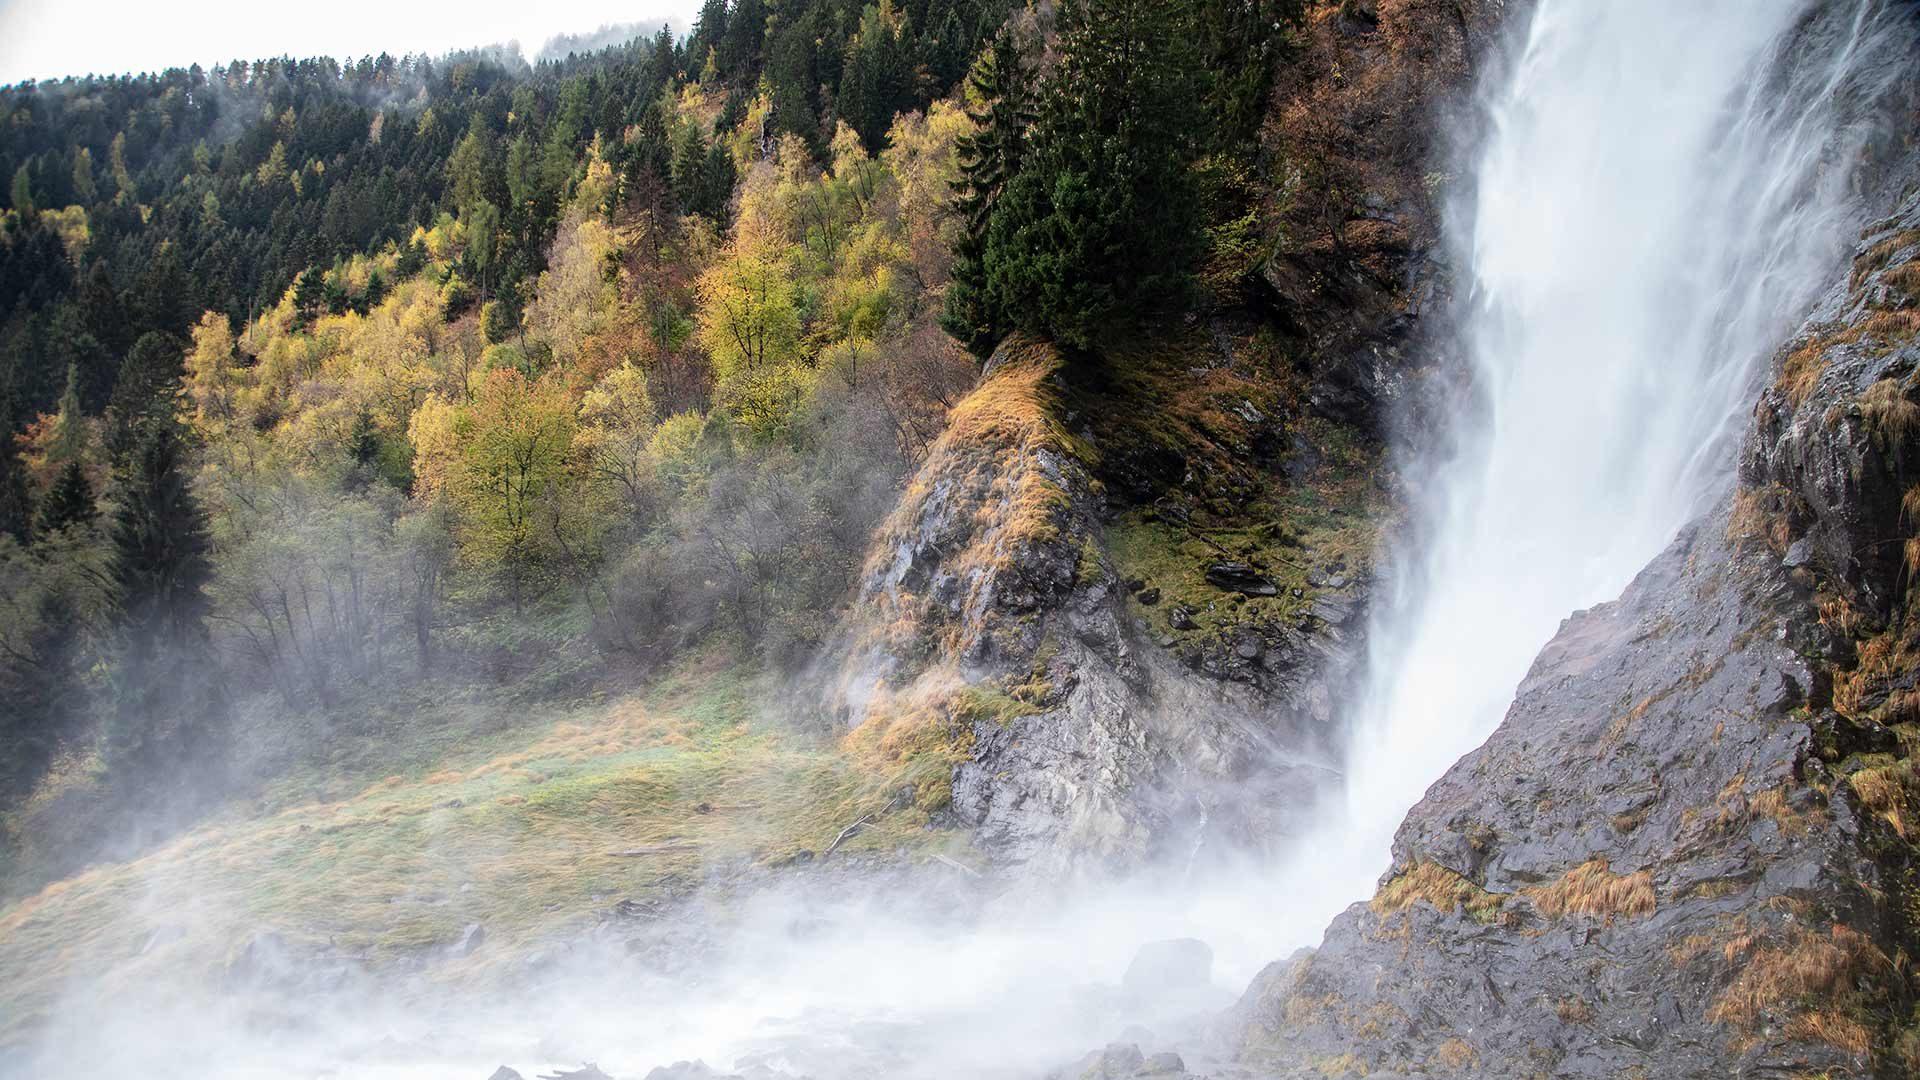 Ausflug zum Partschinser Wasserfall